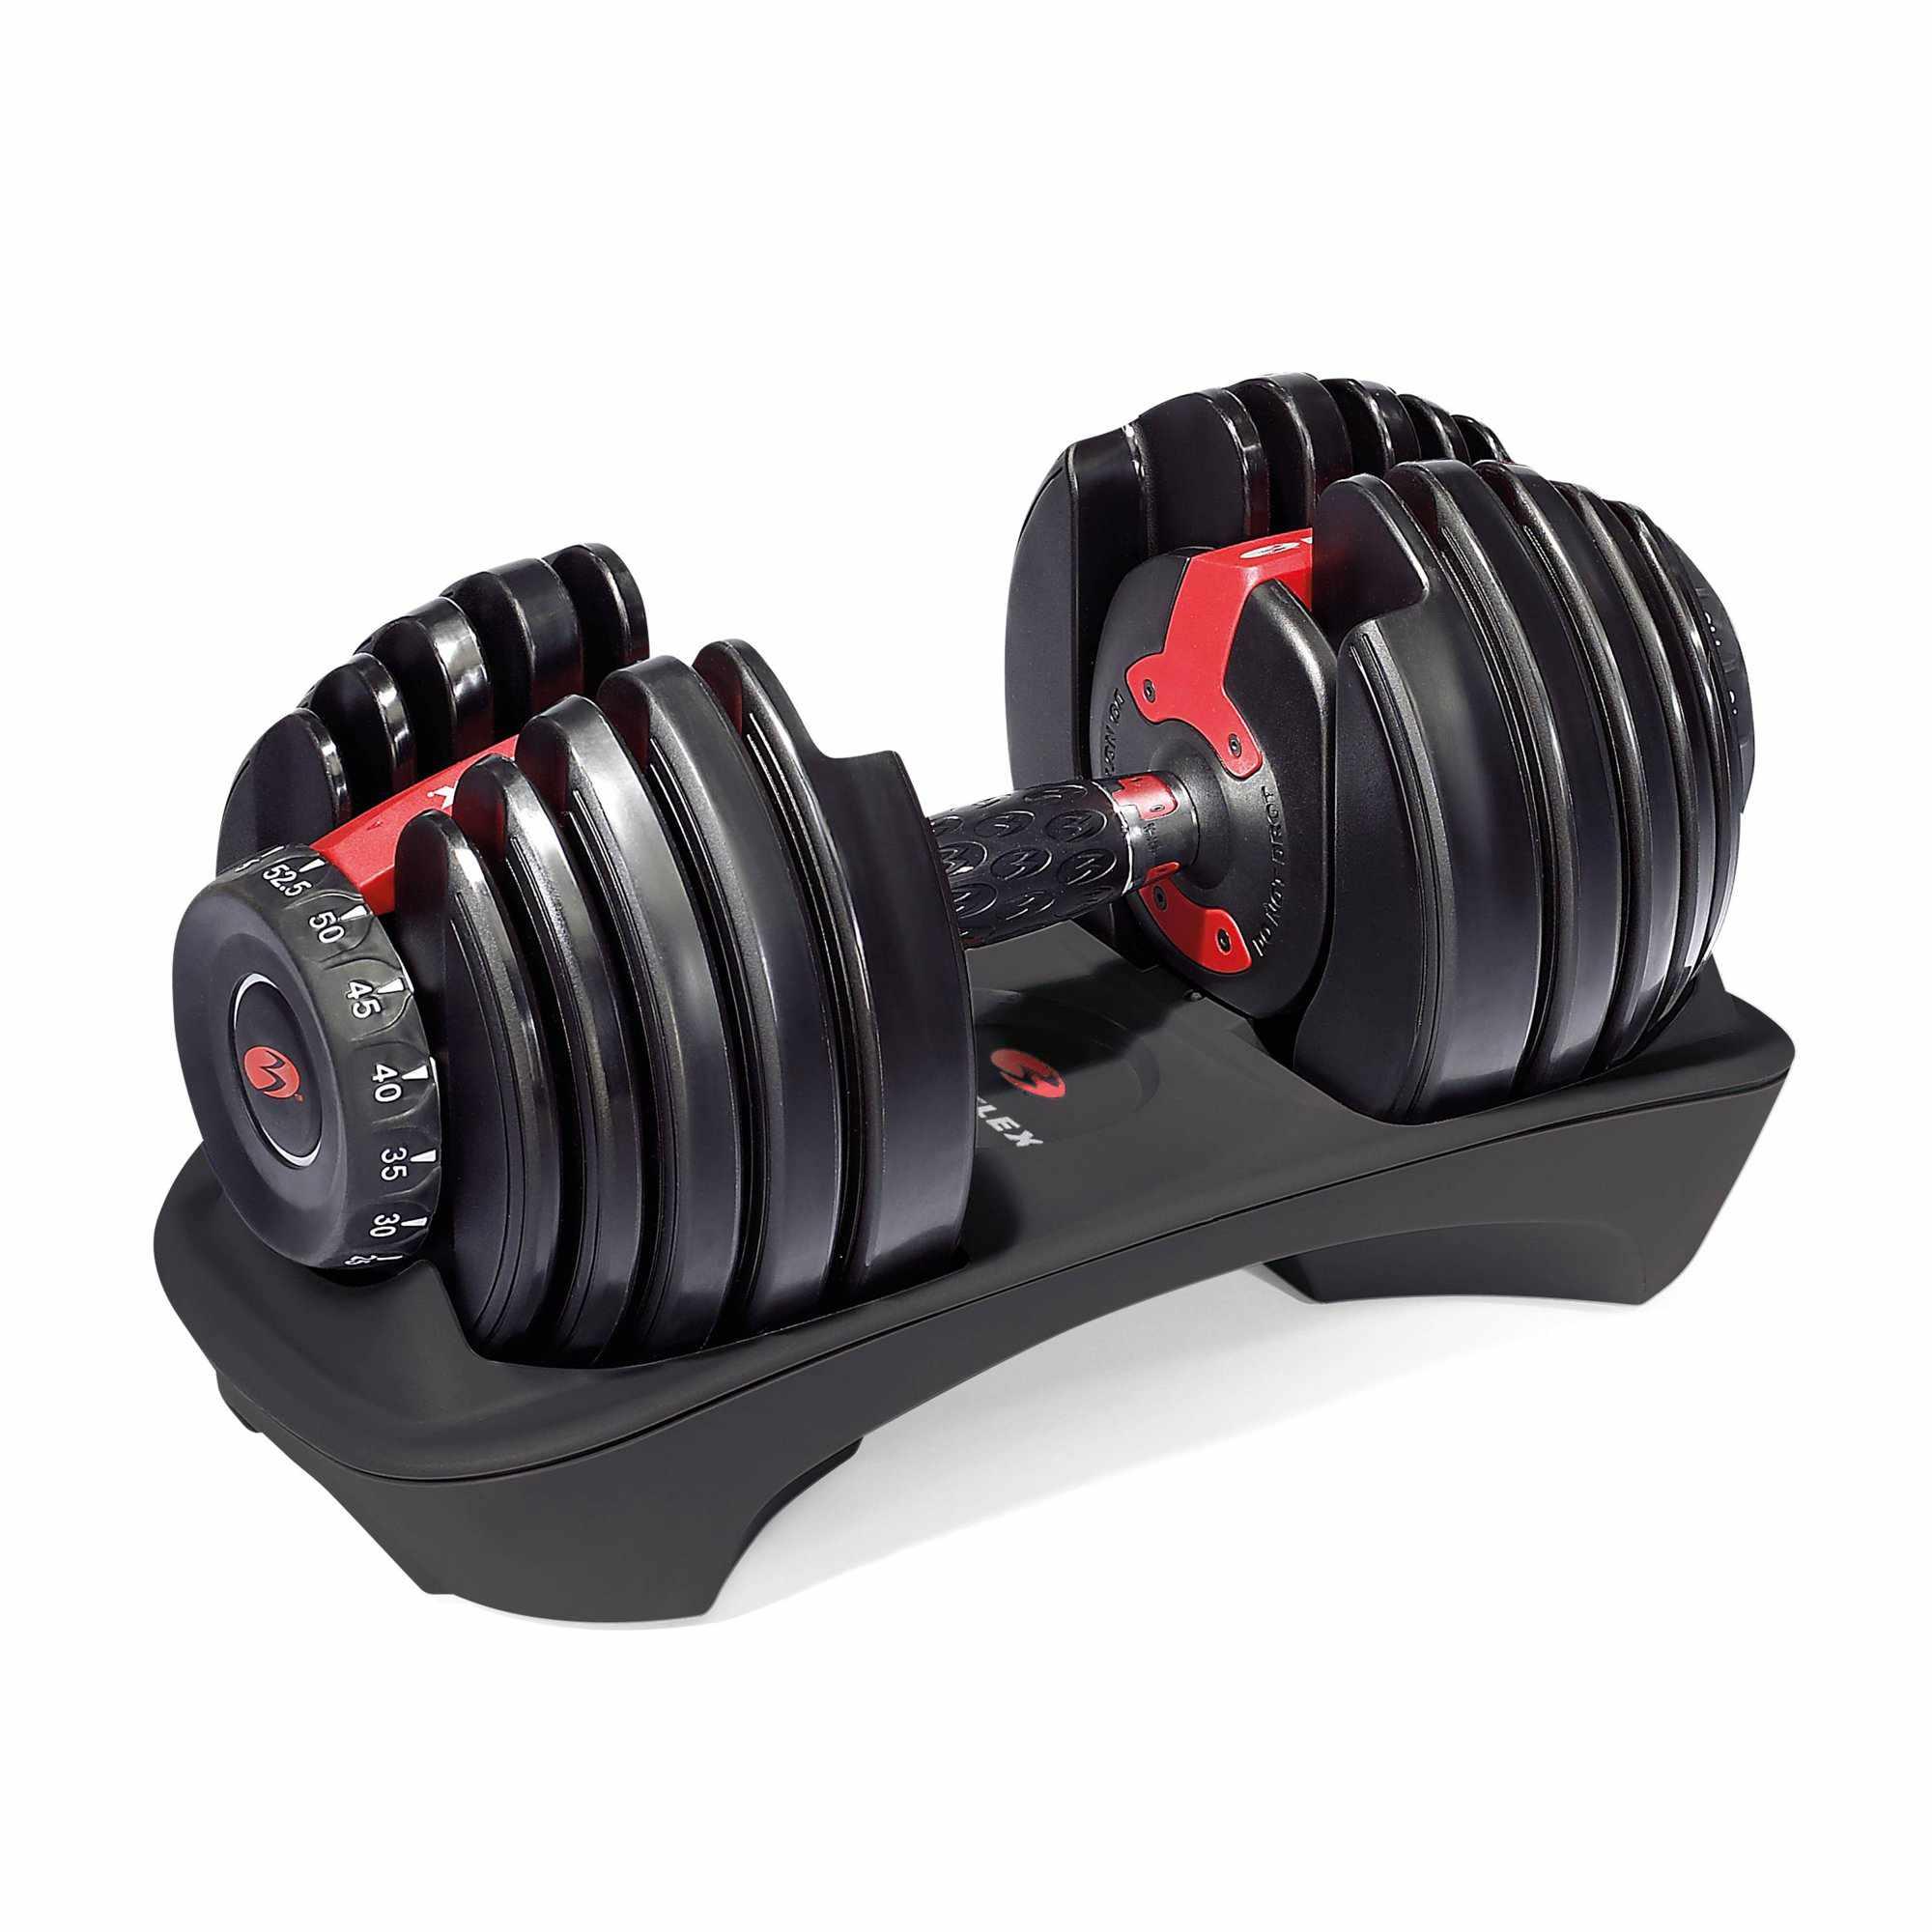 Bowflex SelectTech 560 Dumbbell